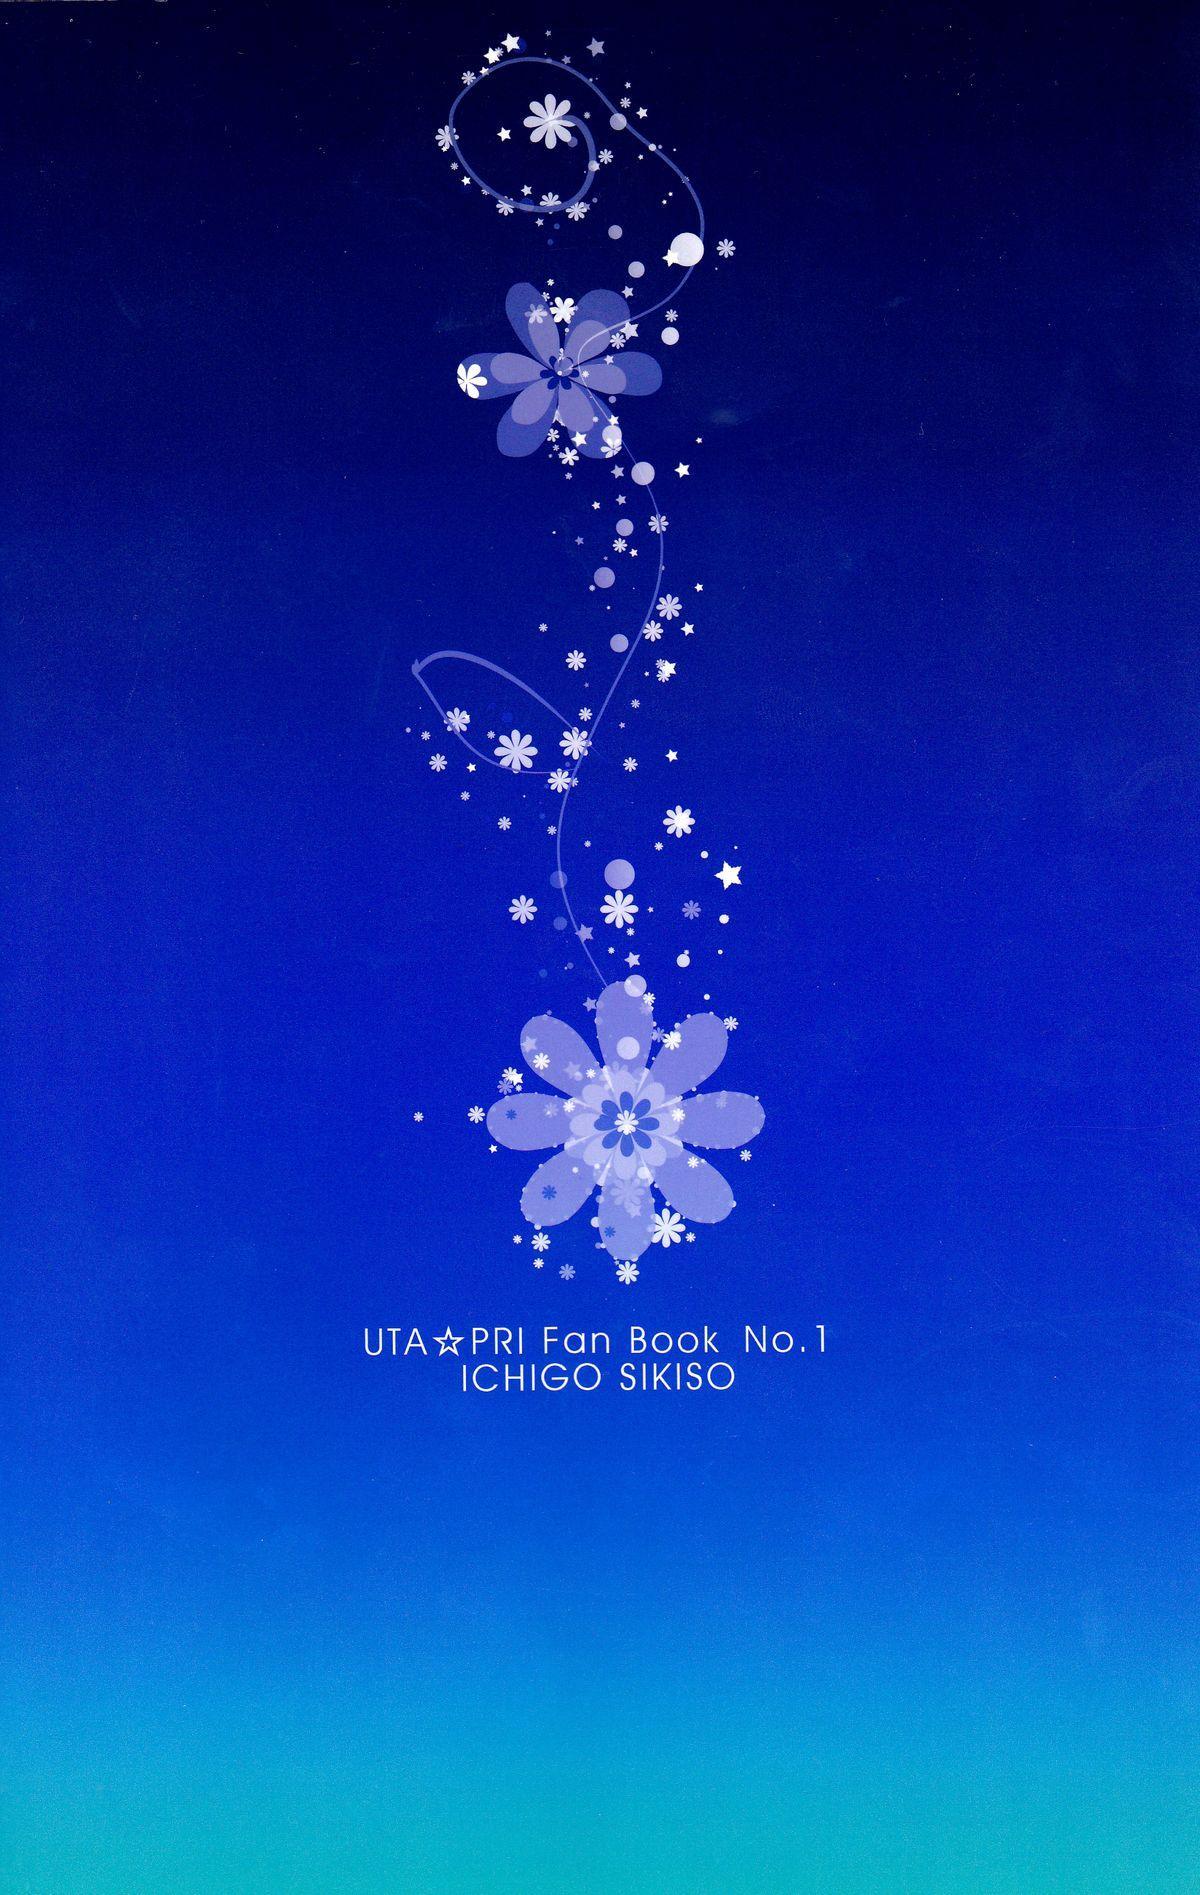 Ai wo Utau Tenshi wa Bokura no Uta de Nemuru   Singing About Love Falls Asleep With Our Song 38